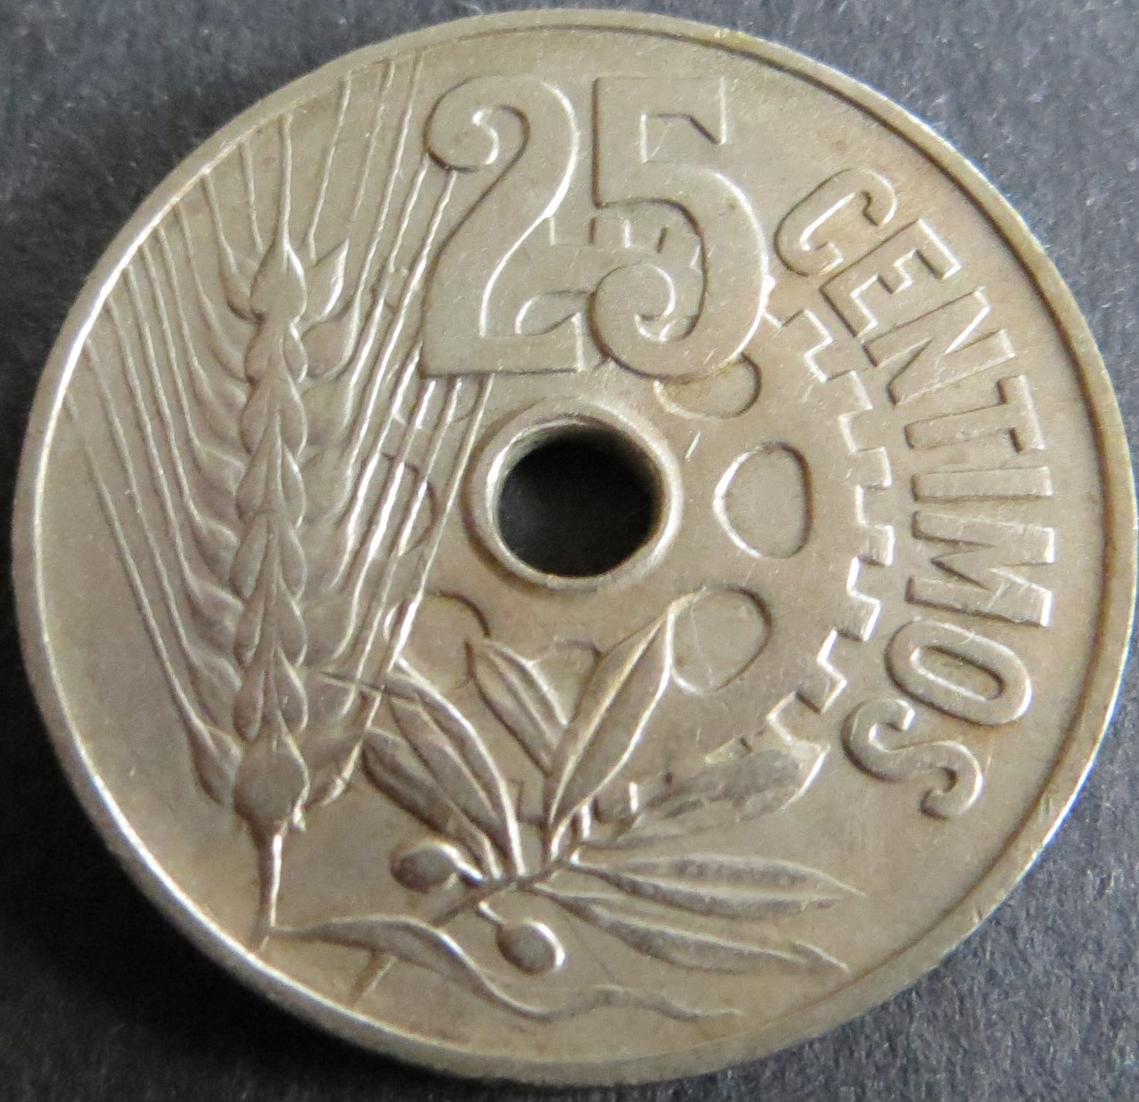 Münze Spanien 25 Centimos 1934 Schön: 16 vz